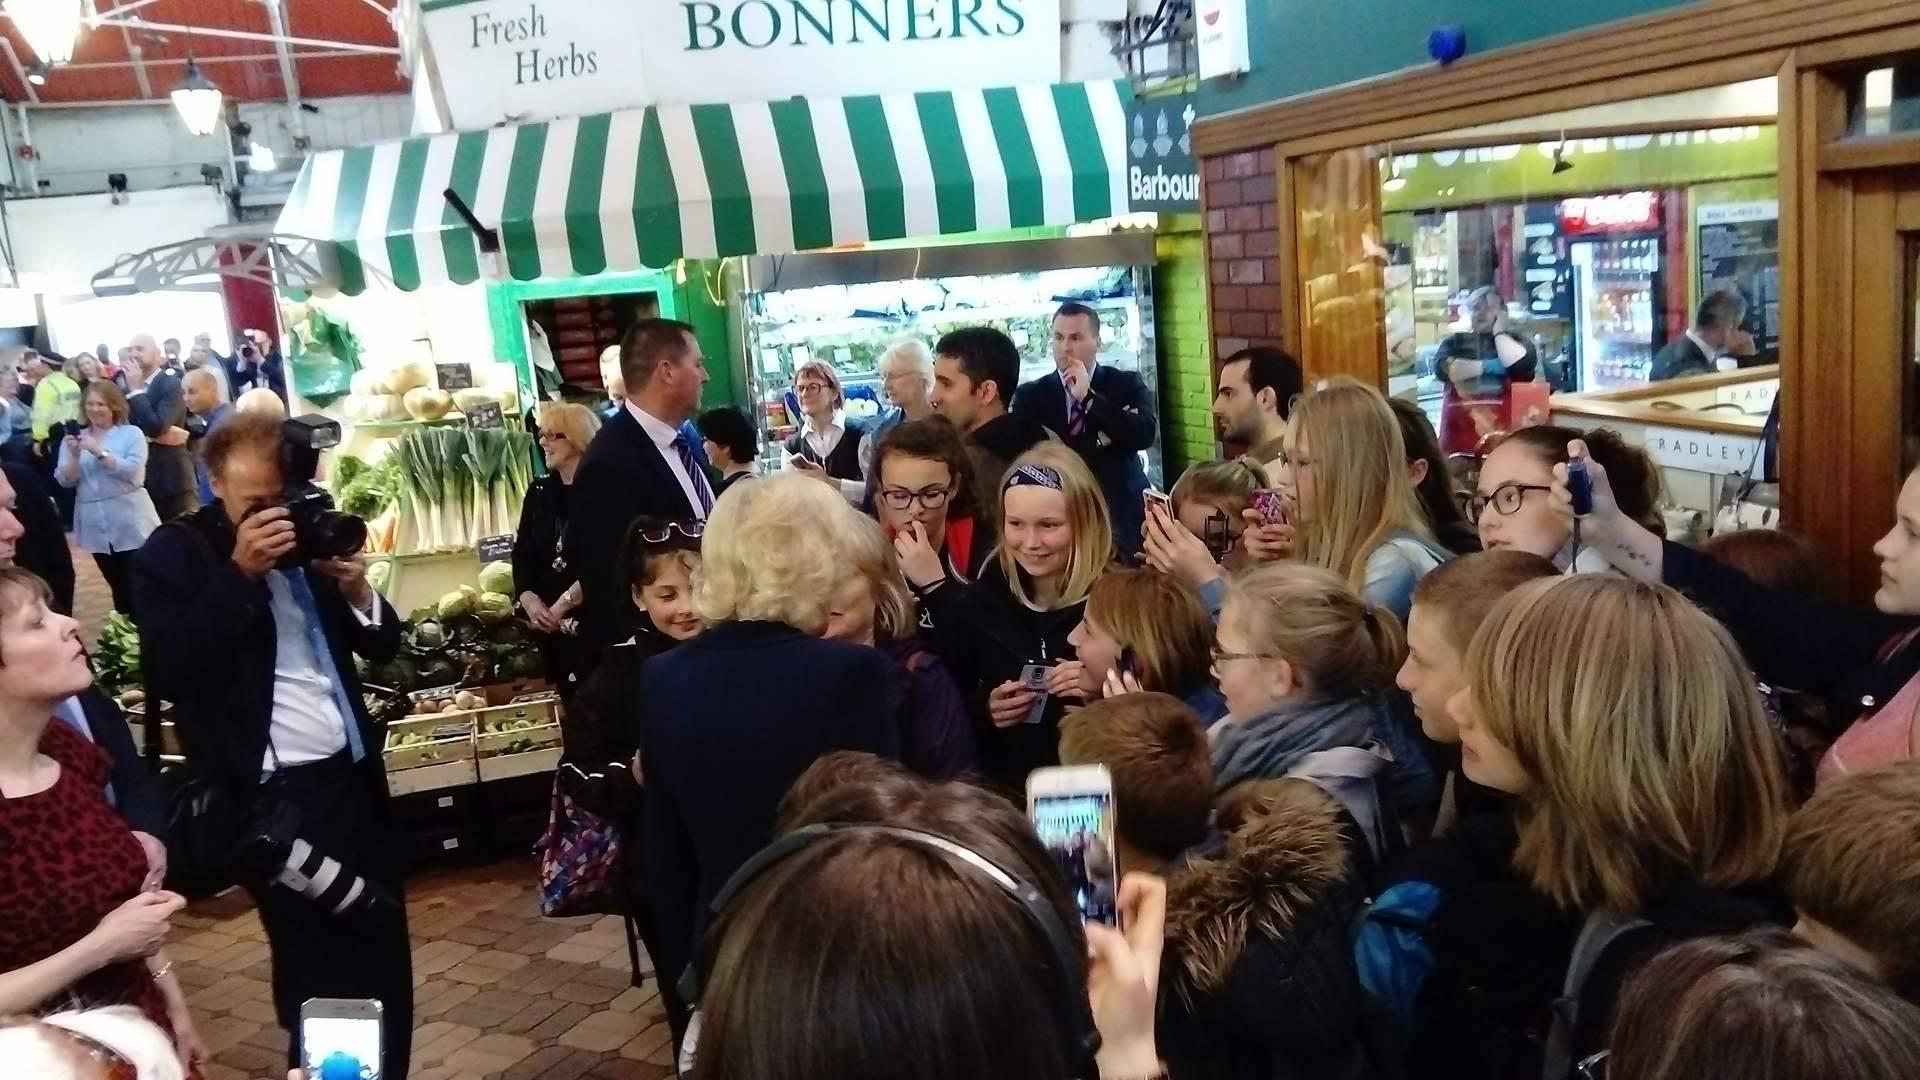 Prince Charles and Camilla visit Oxford